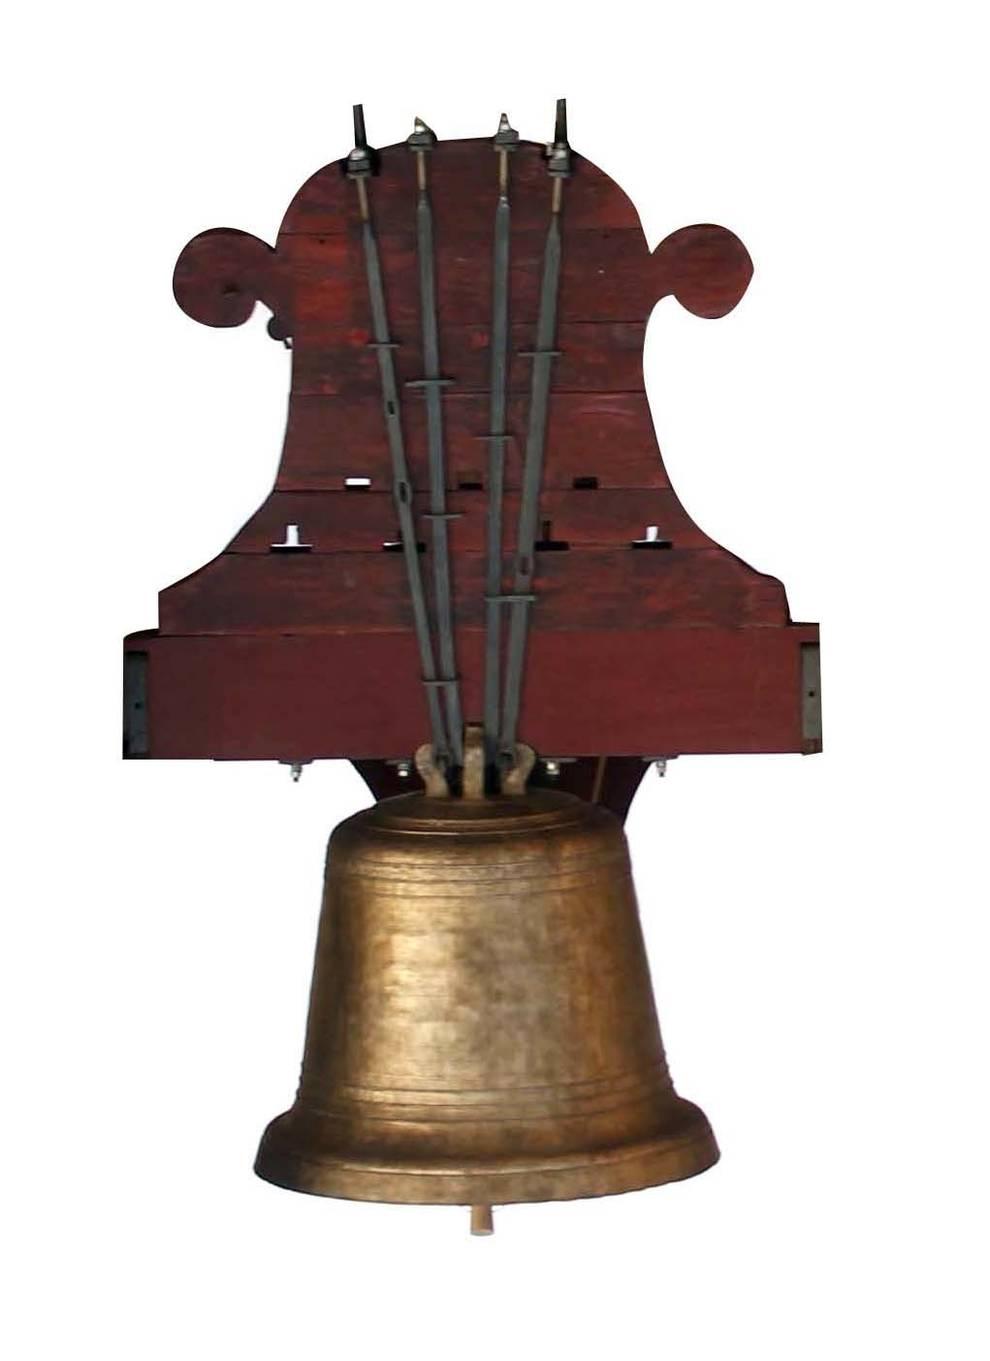 Imagen de una campana.